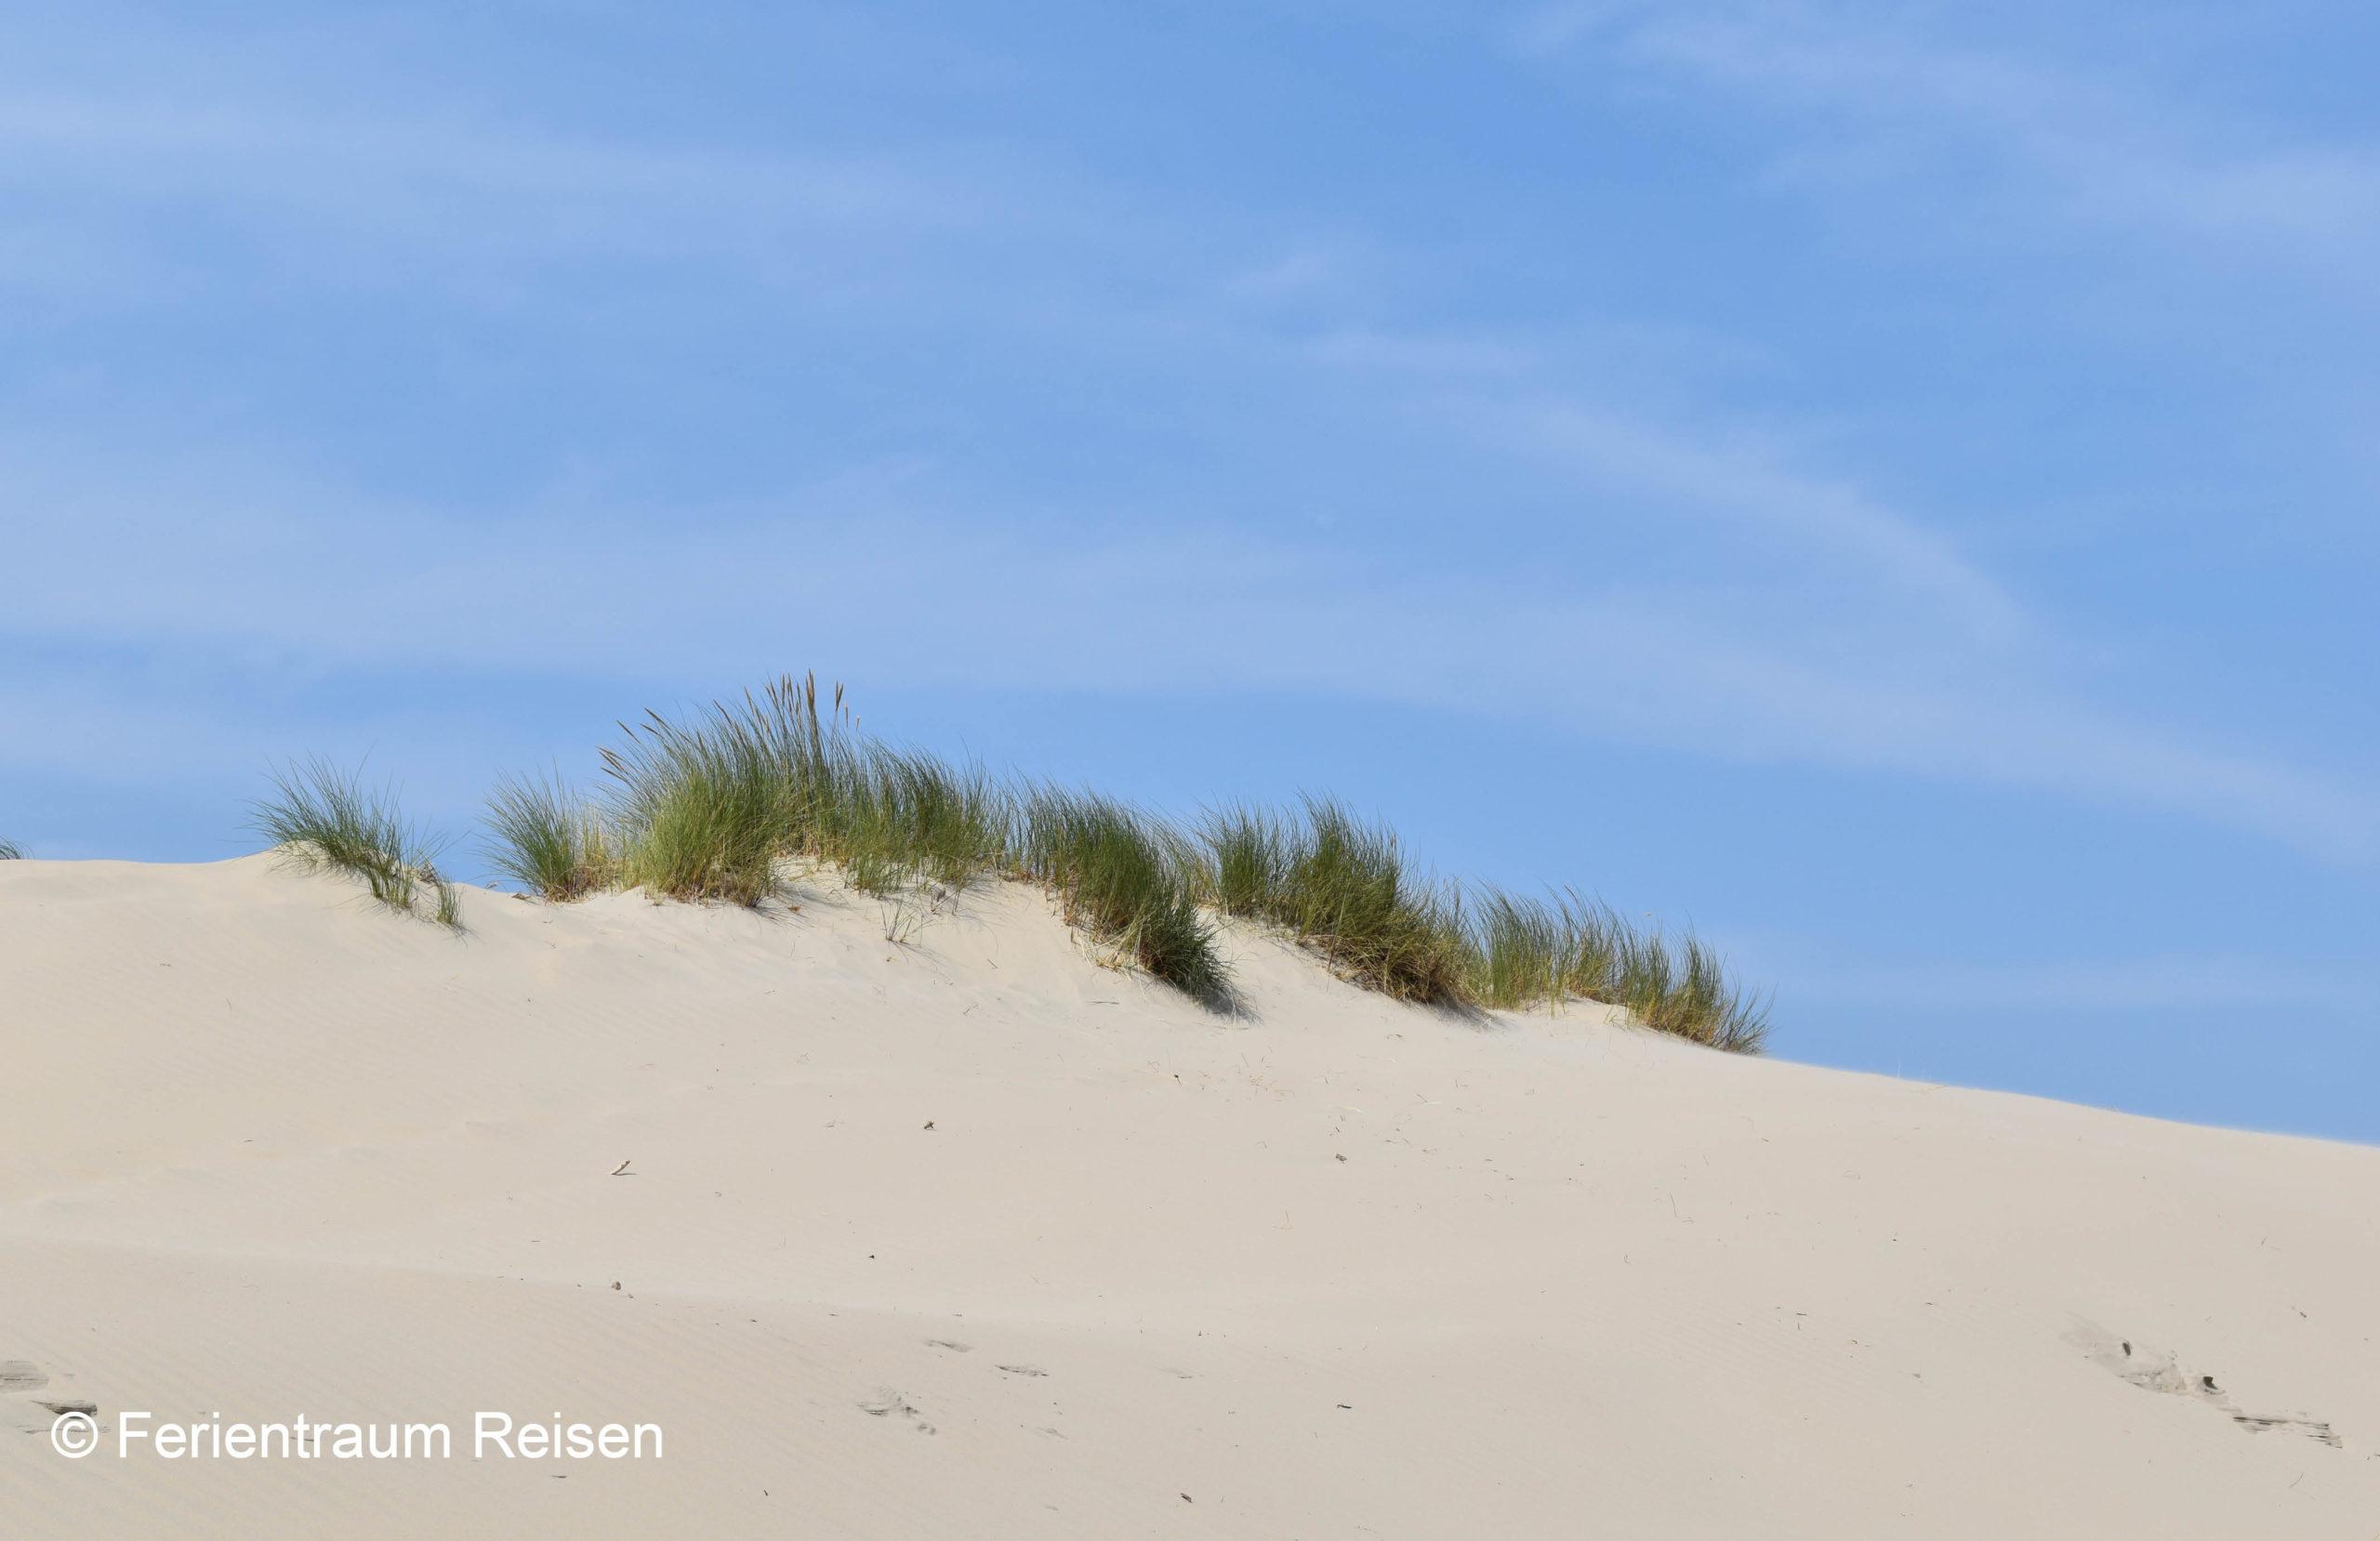 Ferientraum Dünen Borkum Strand